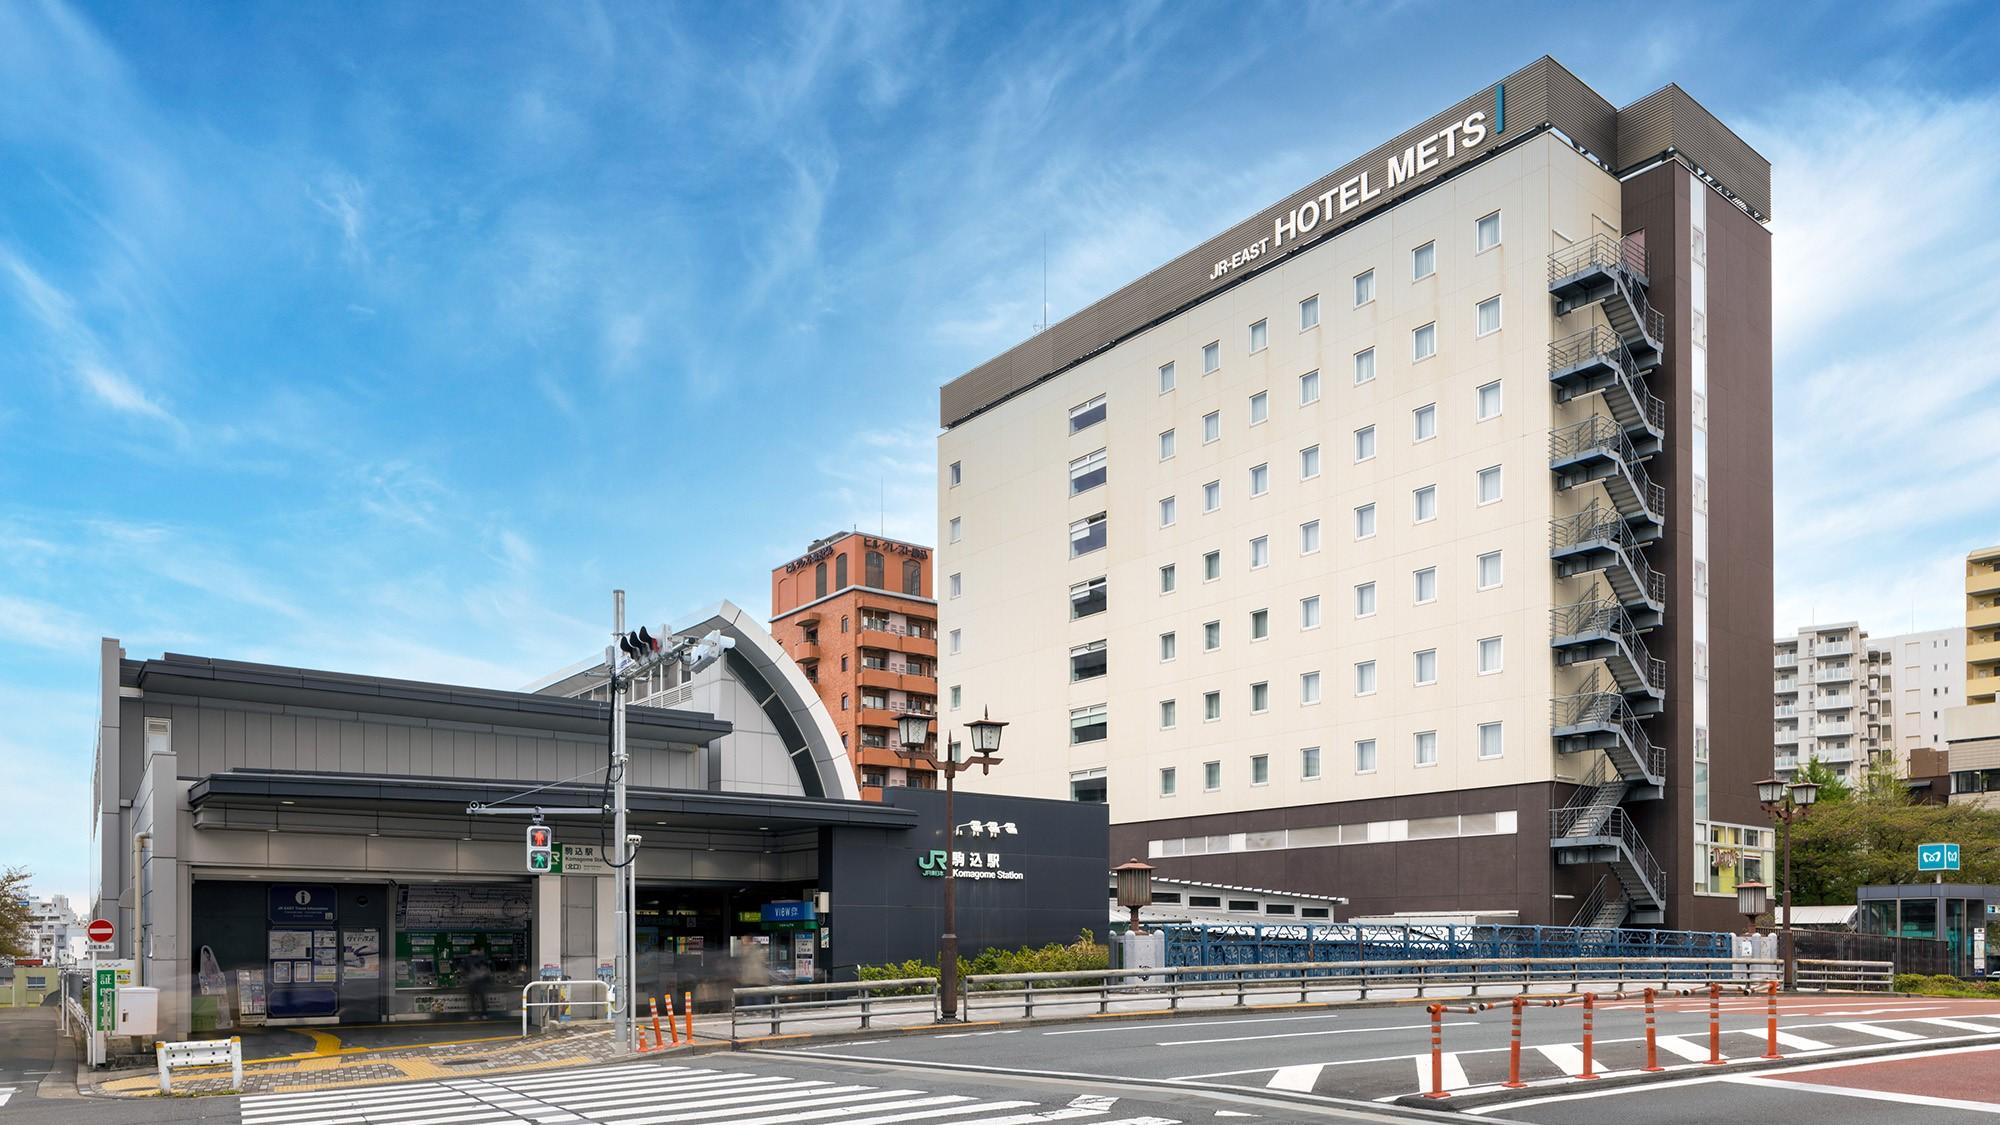 ホテル メッツ駒込◆楽天トラベル